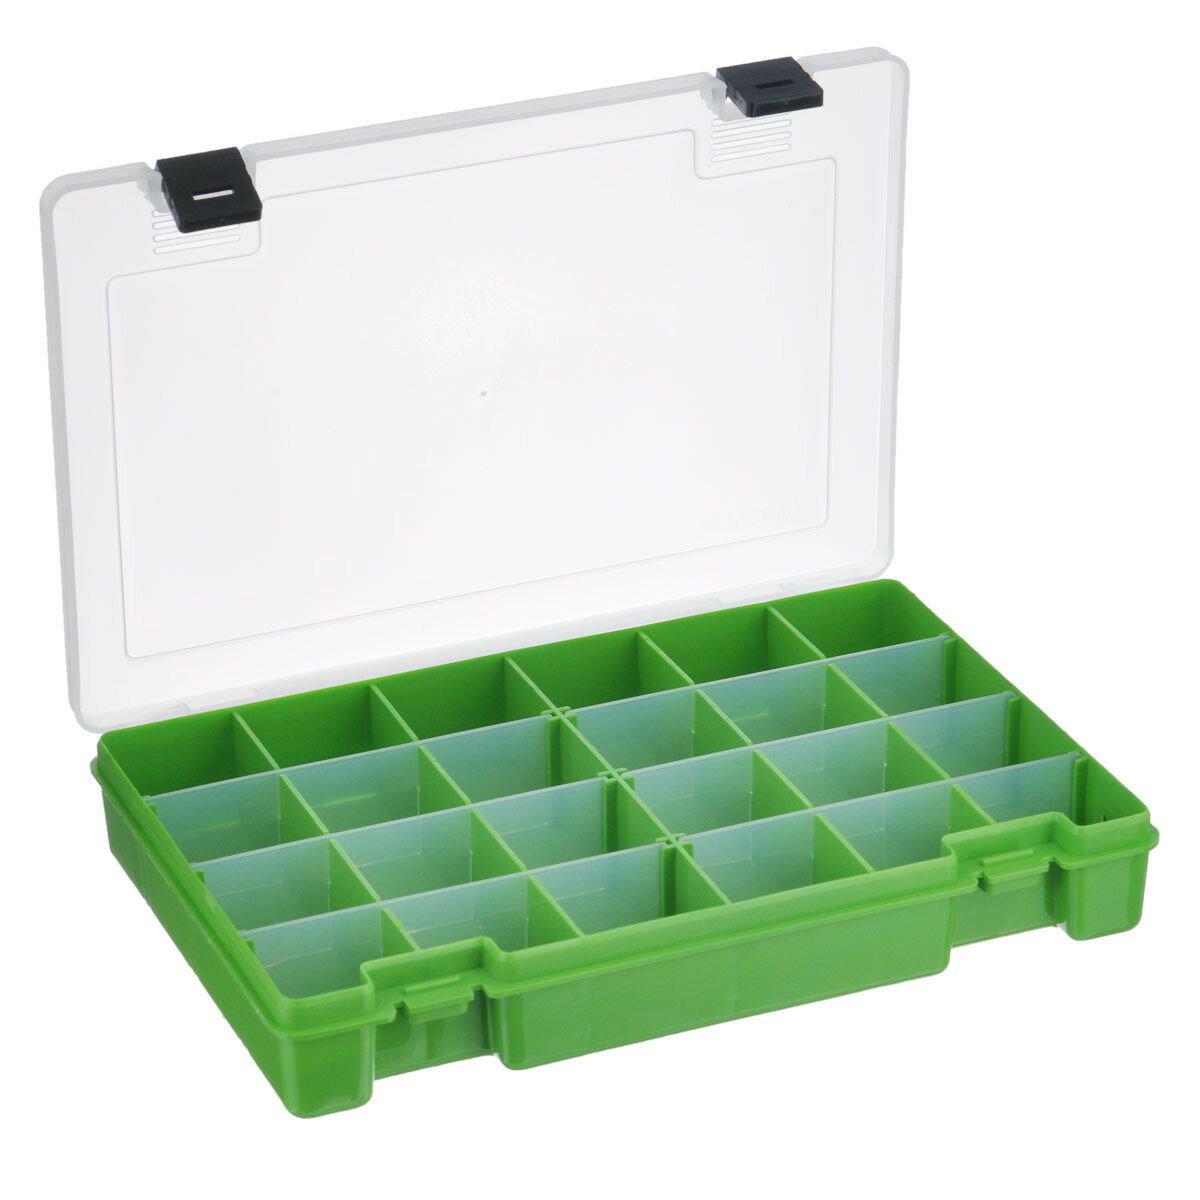 """Коробка для мелочей """"Тривол"""", 27,5x18,8x4,5 см, цвет: салатовый, арт. №7"""